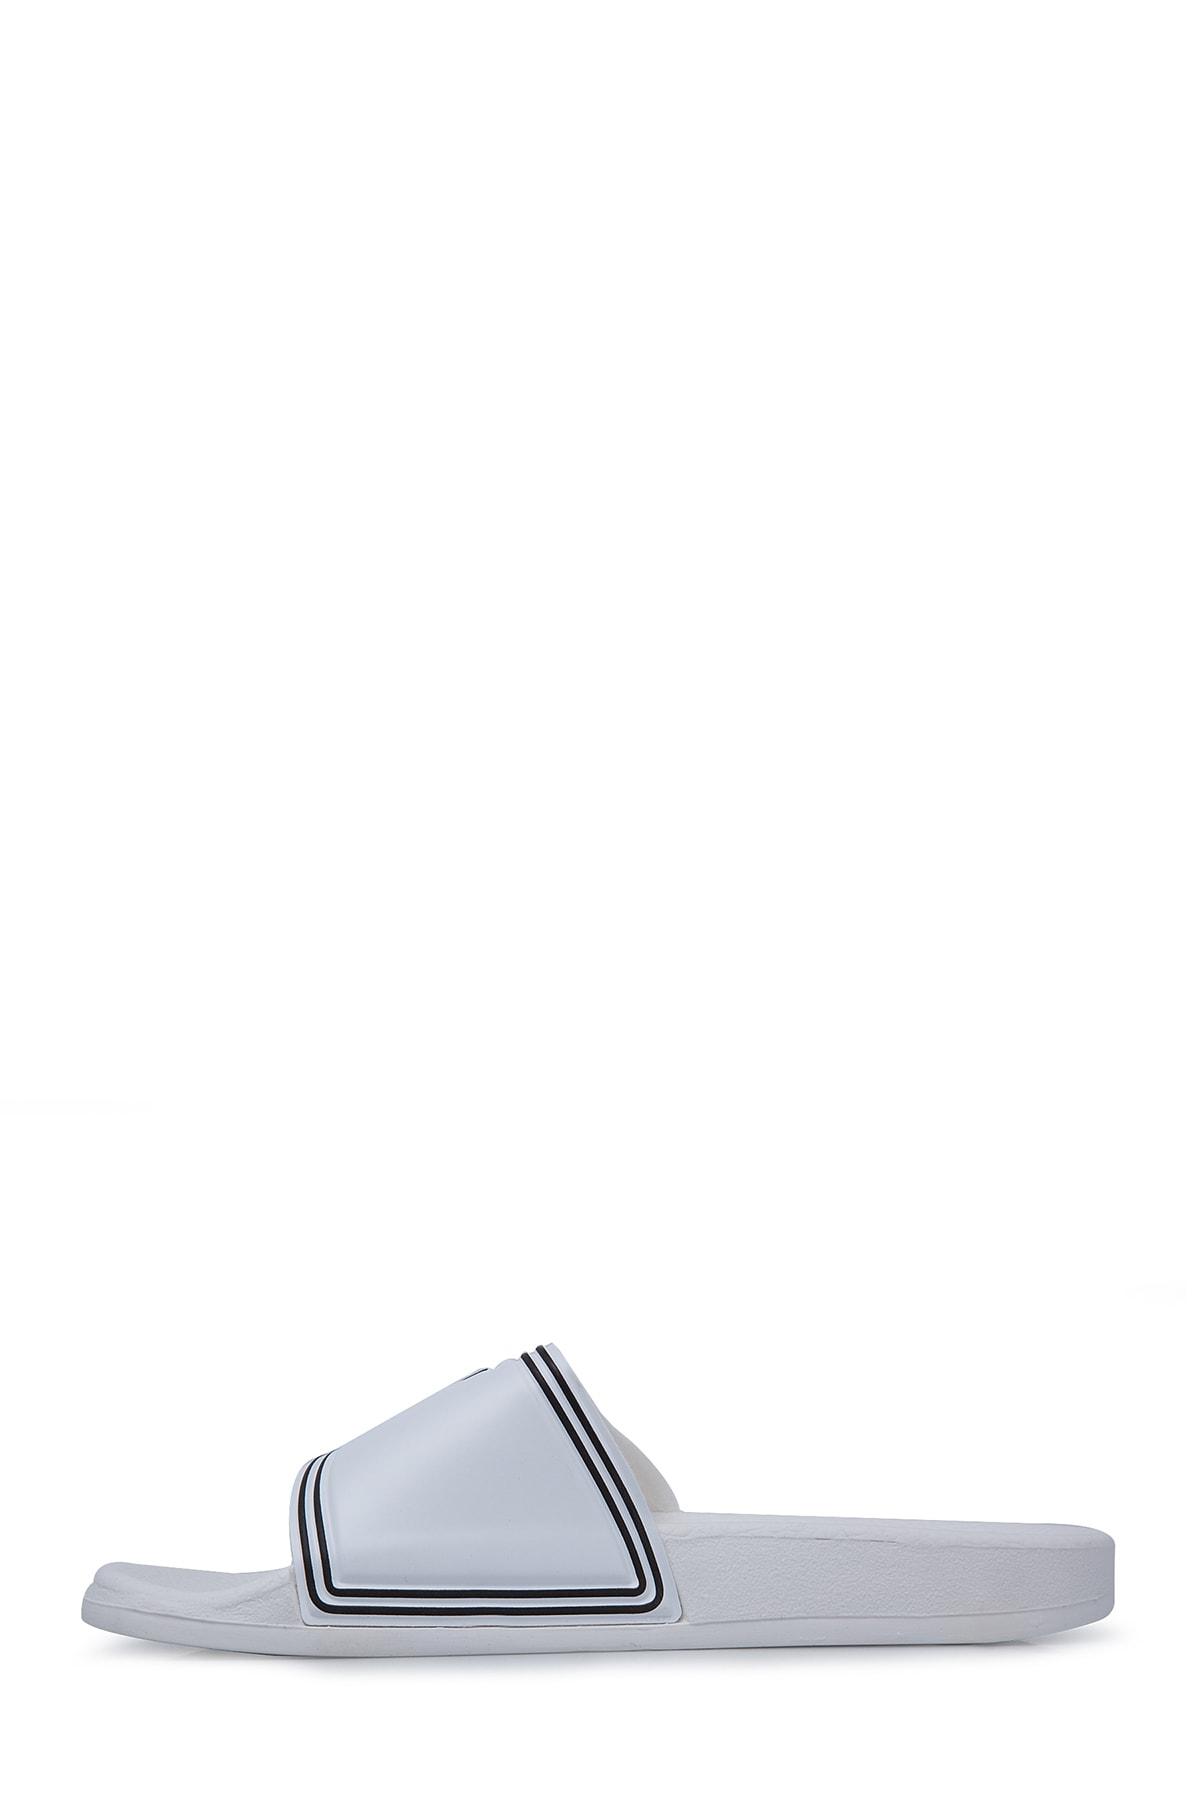 Emporio Armani Beyaz Kadın Terlik S X3P706 XD184 00230 1